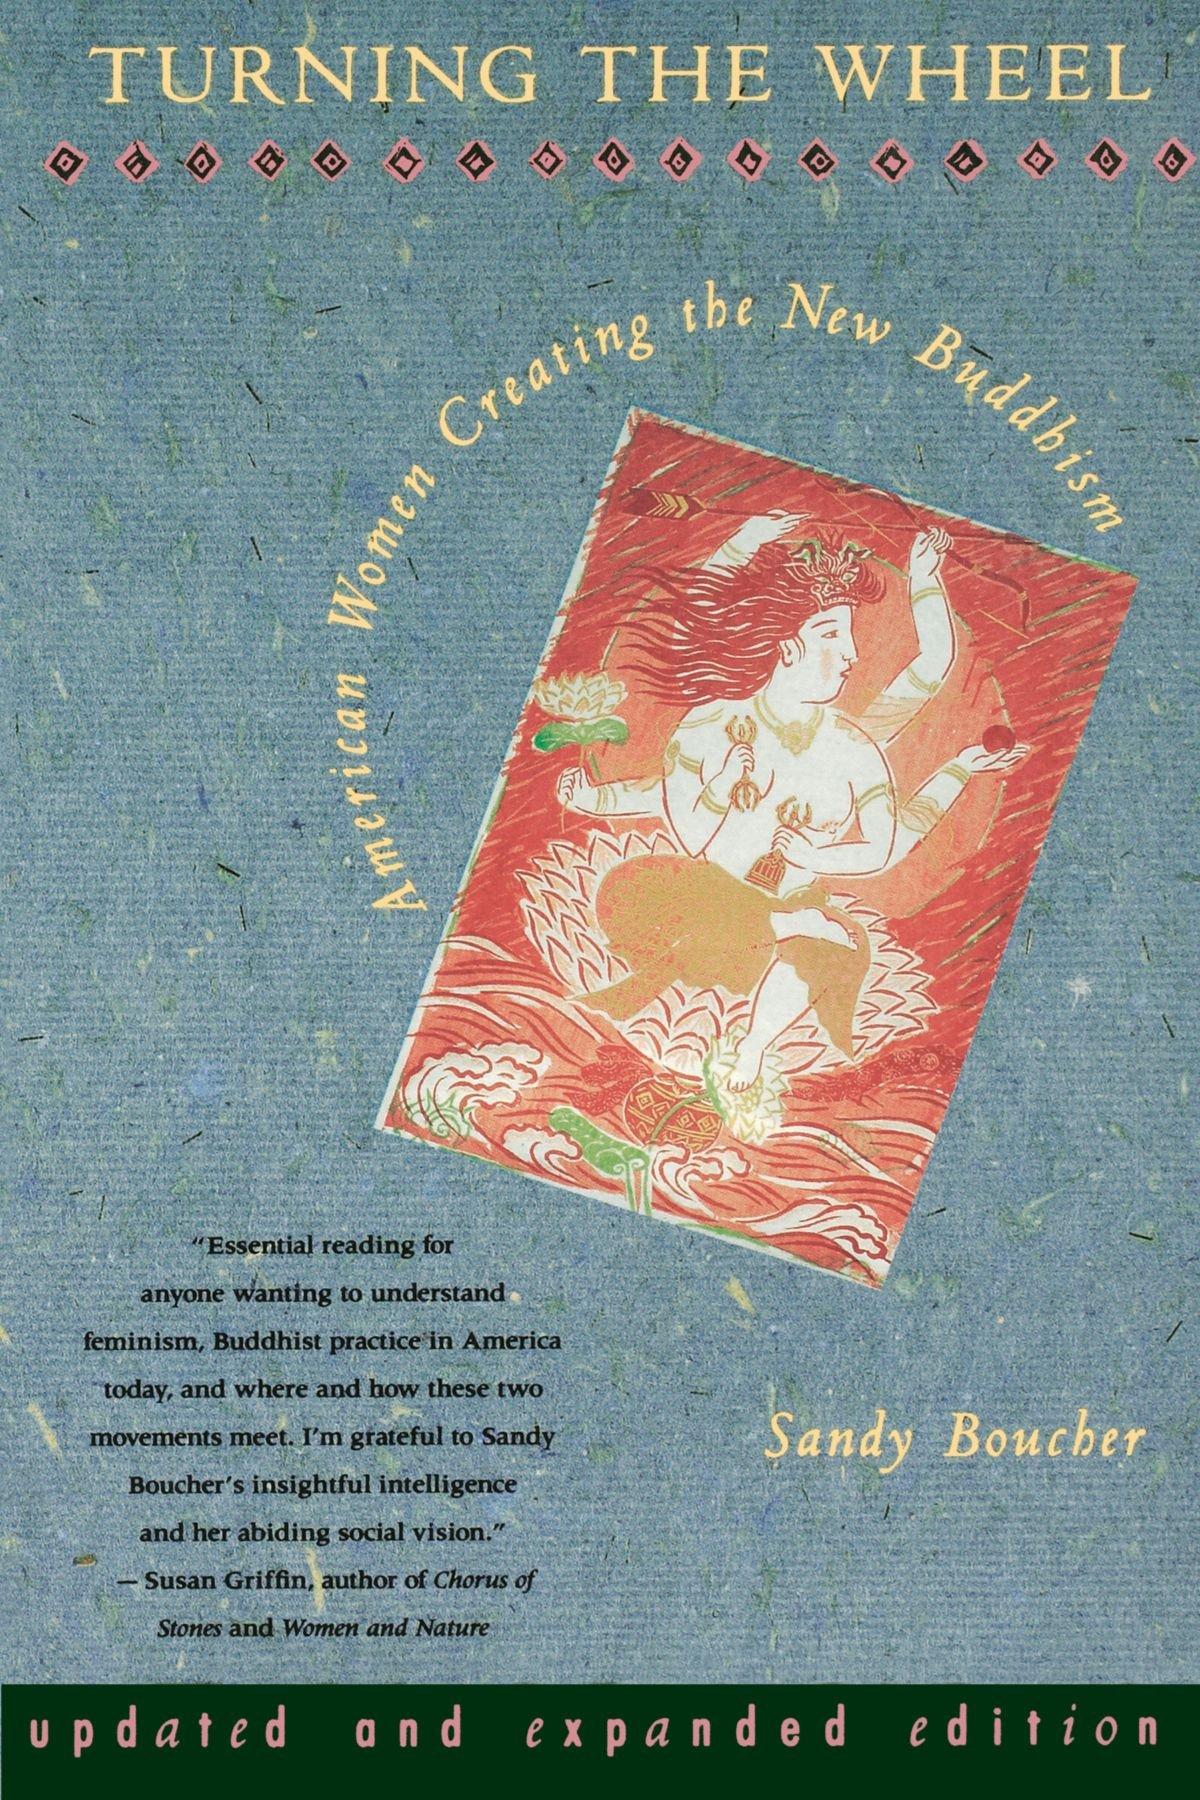 Boucher Turning Wheel cover art